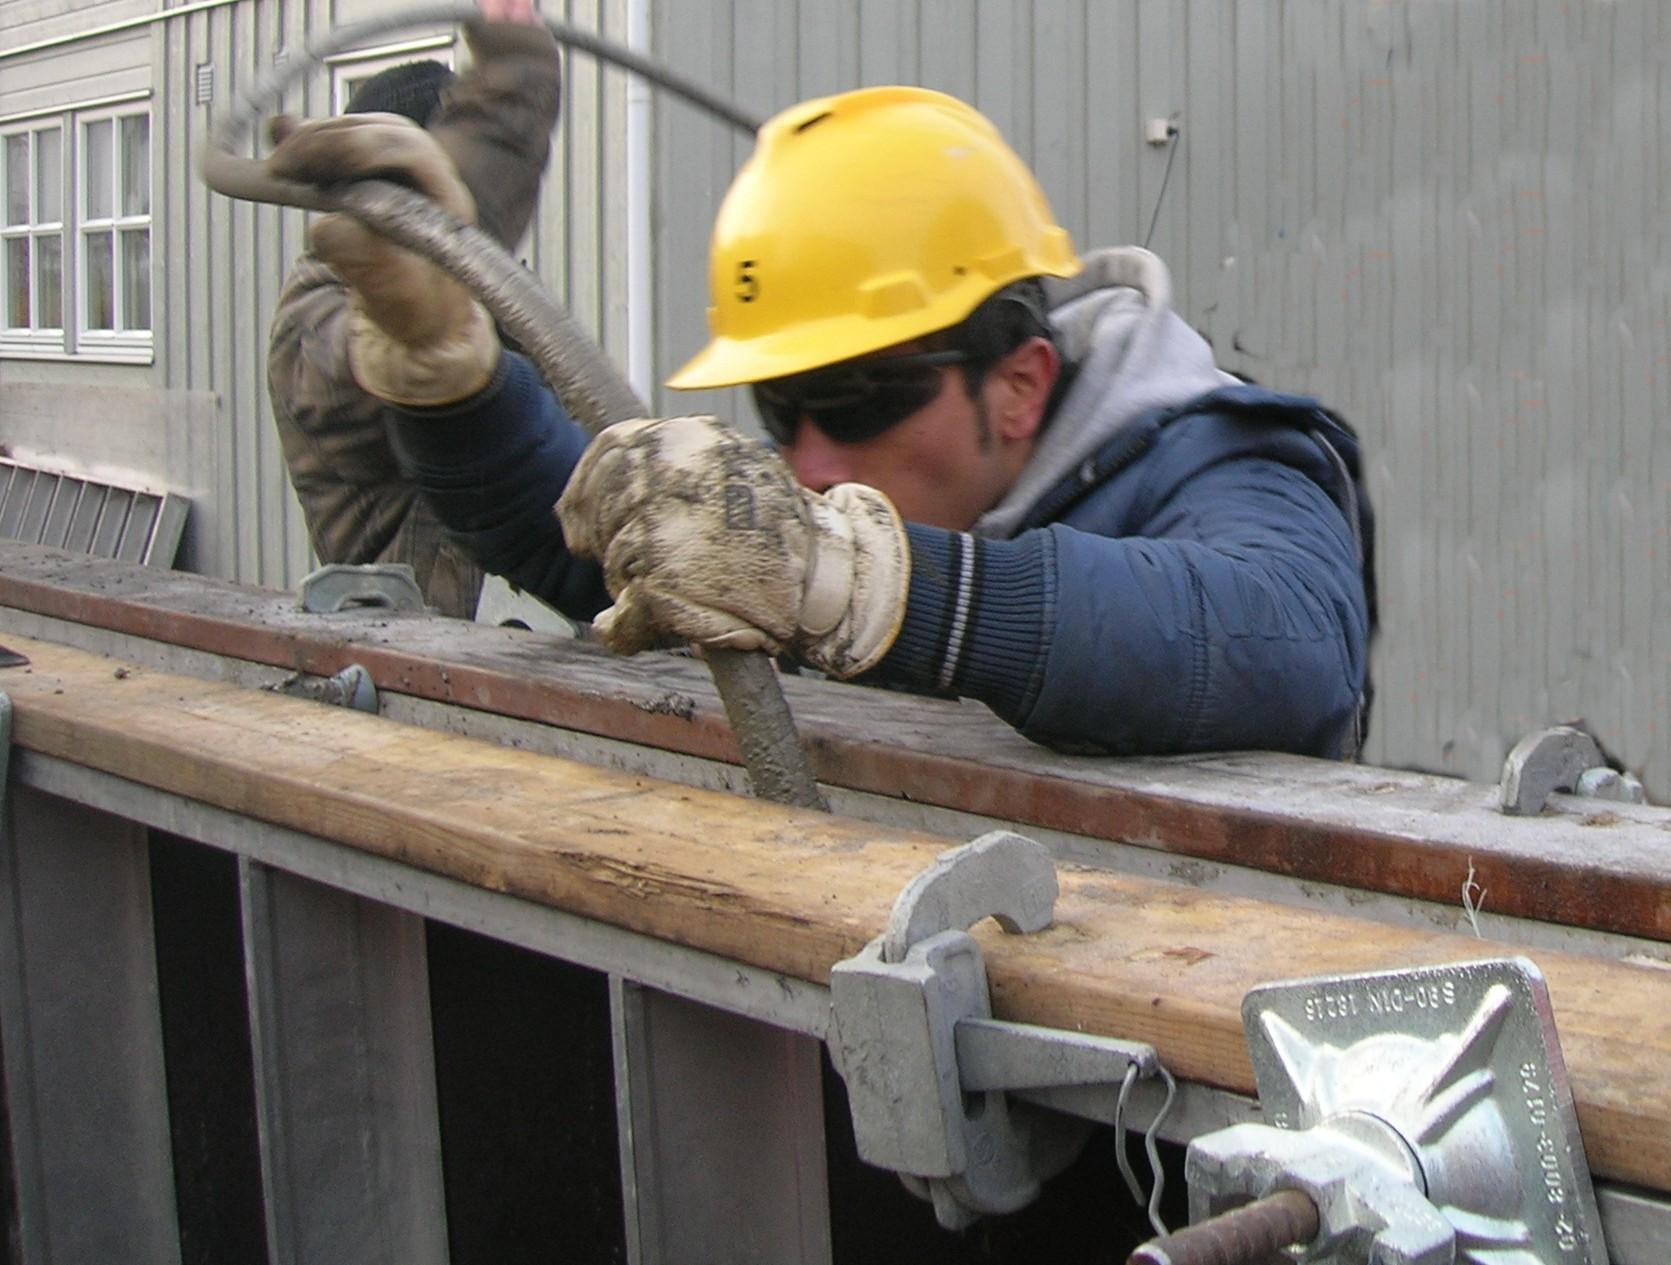 067c9517 Betongarbeider med vernebriller, hjelm og hansker ved støping av betong.  Foto.